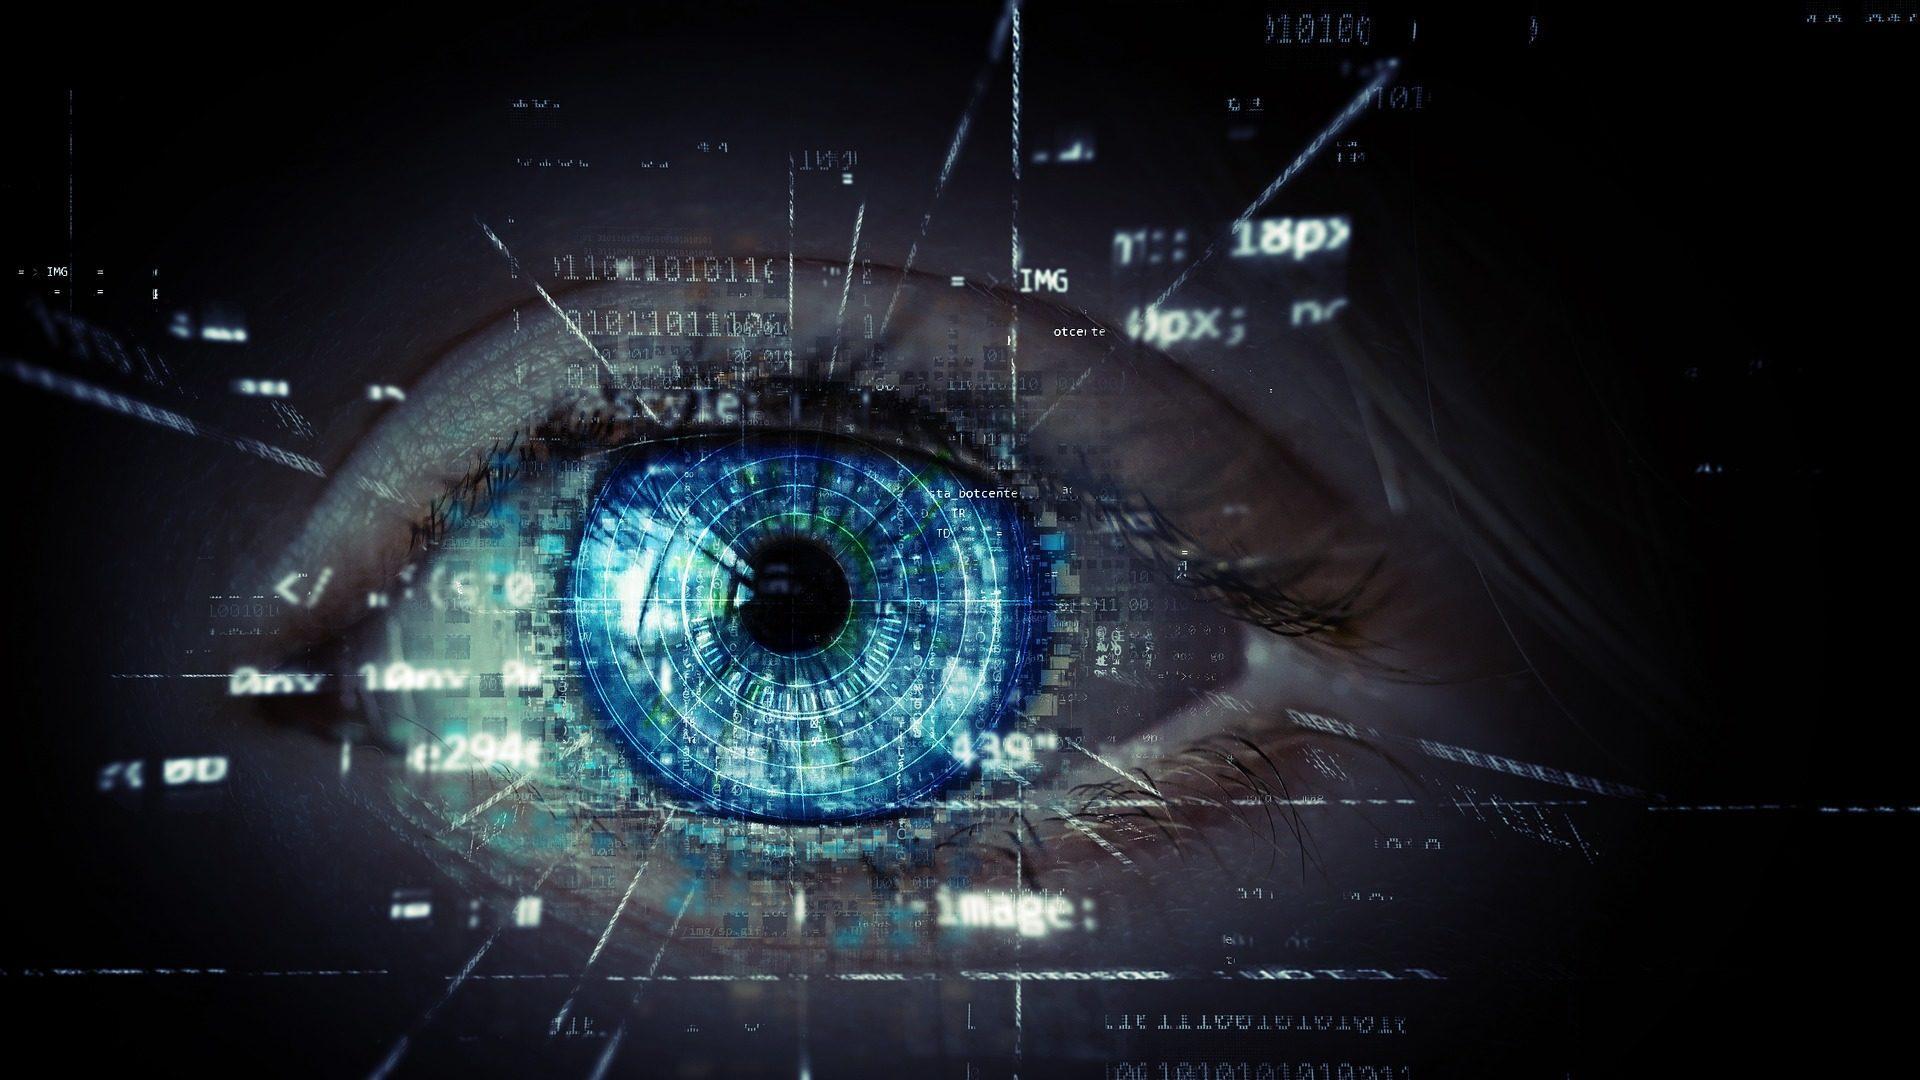 Эксперимент указал на неспособность человека воспринимать окружающий мир объективно